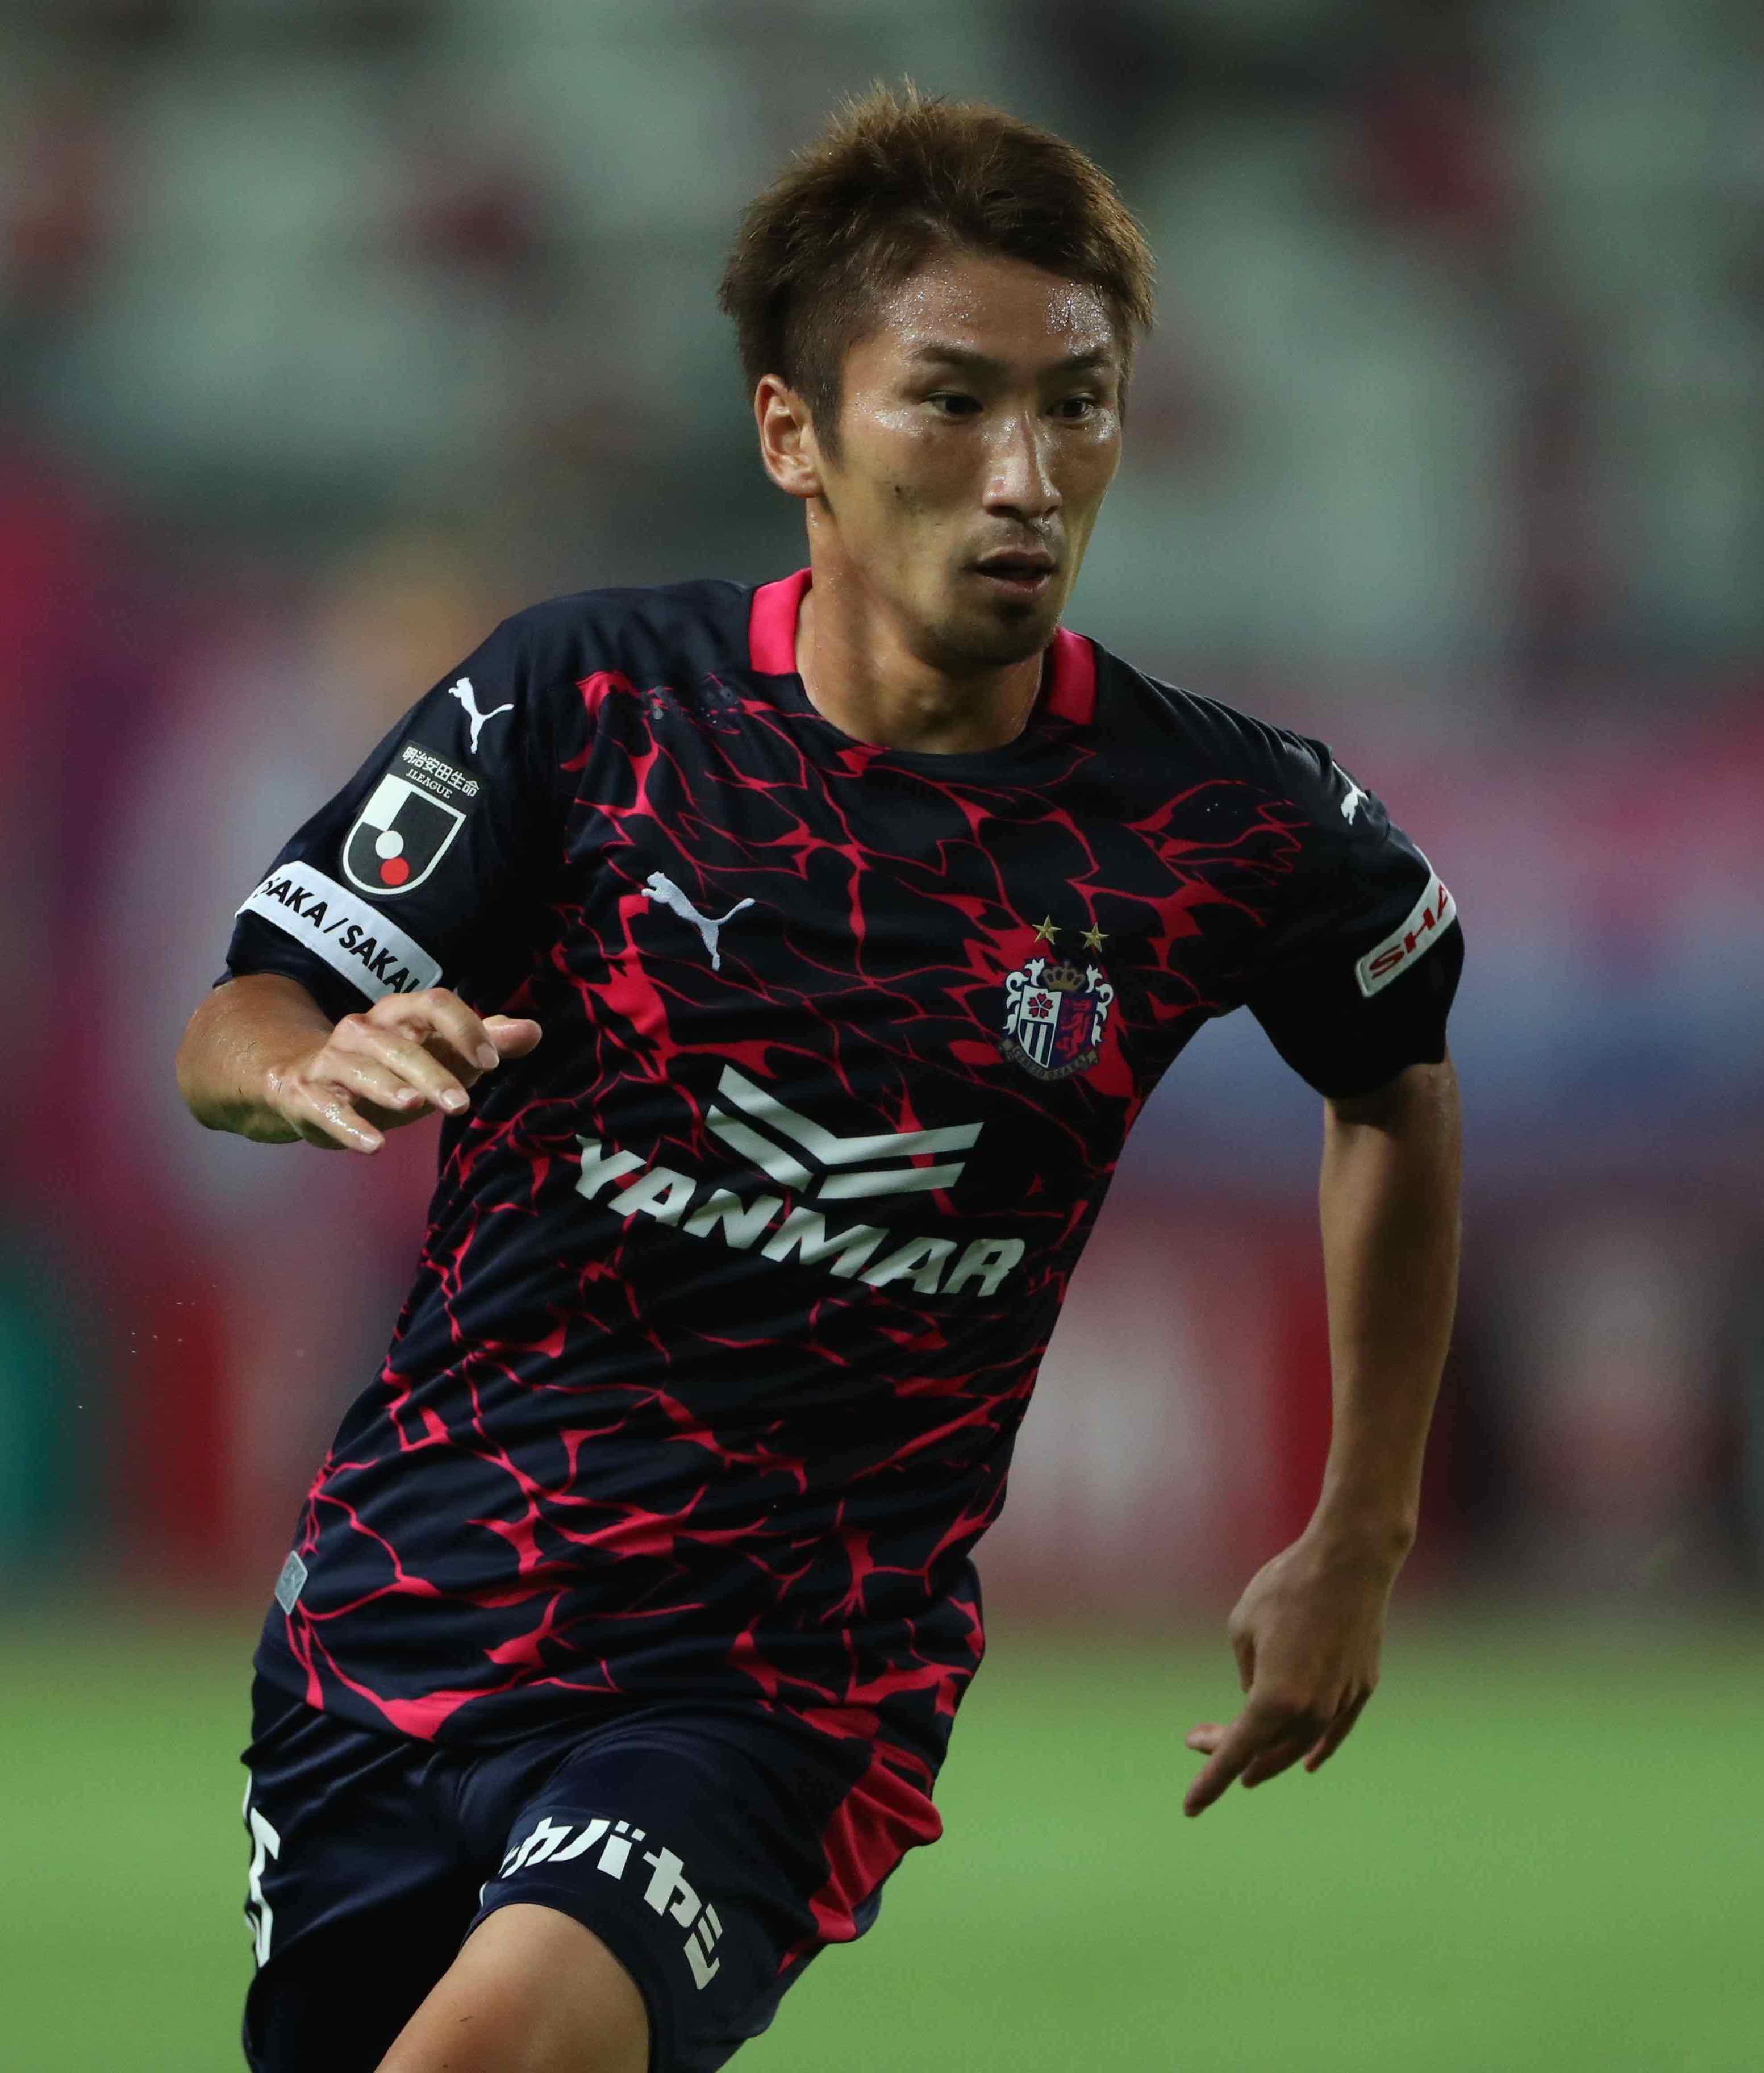 【本人直筆サイン入り公式】セレッソ大阪2020限定ユニフォーム 25 奥埜博亮 選手